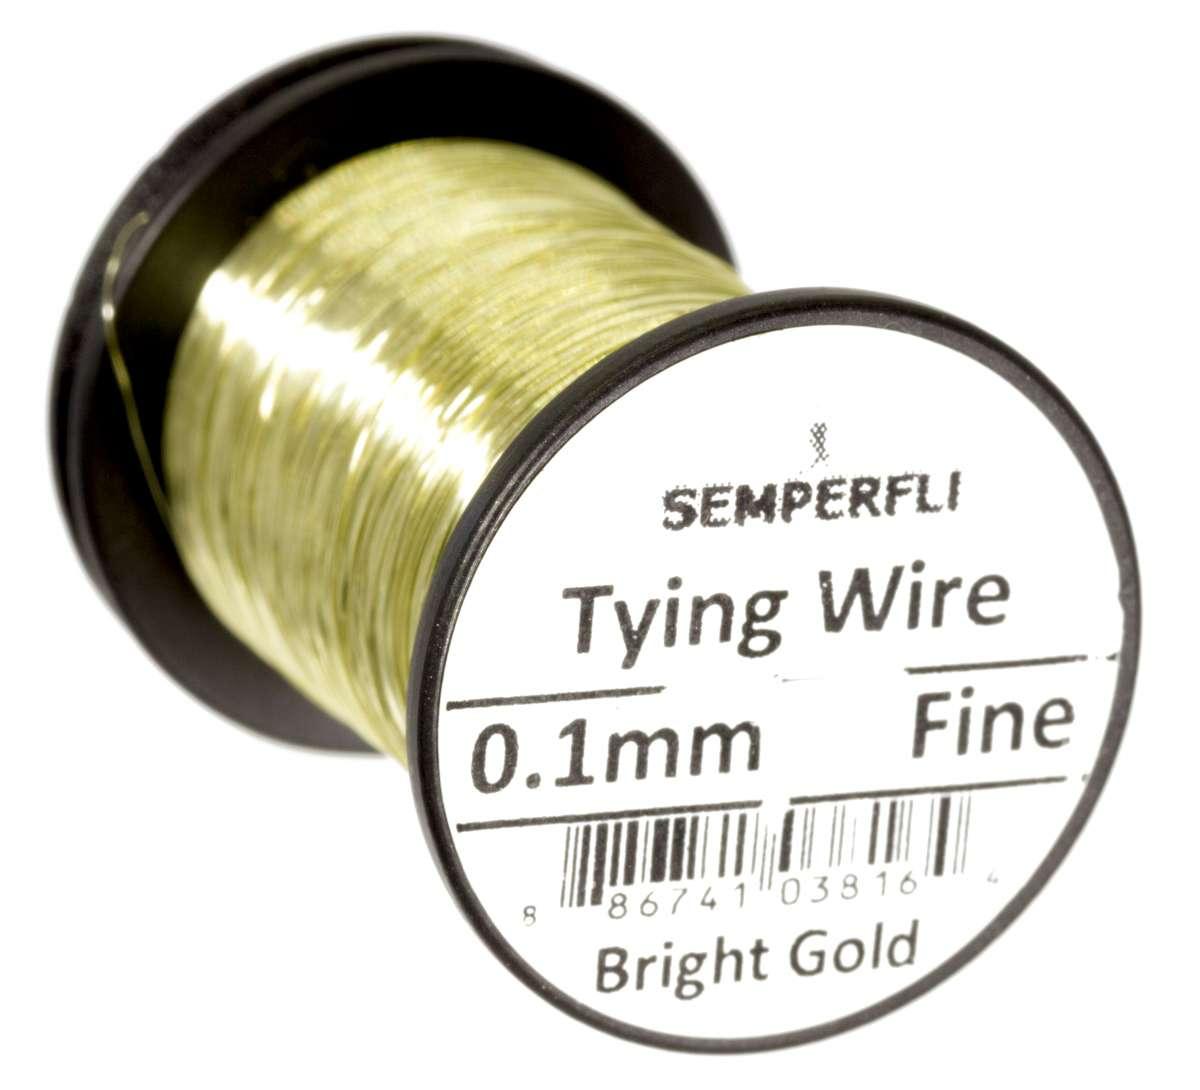 finewire bright gold